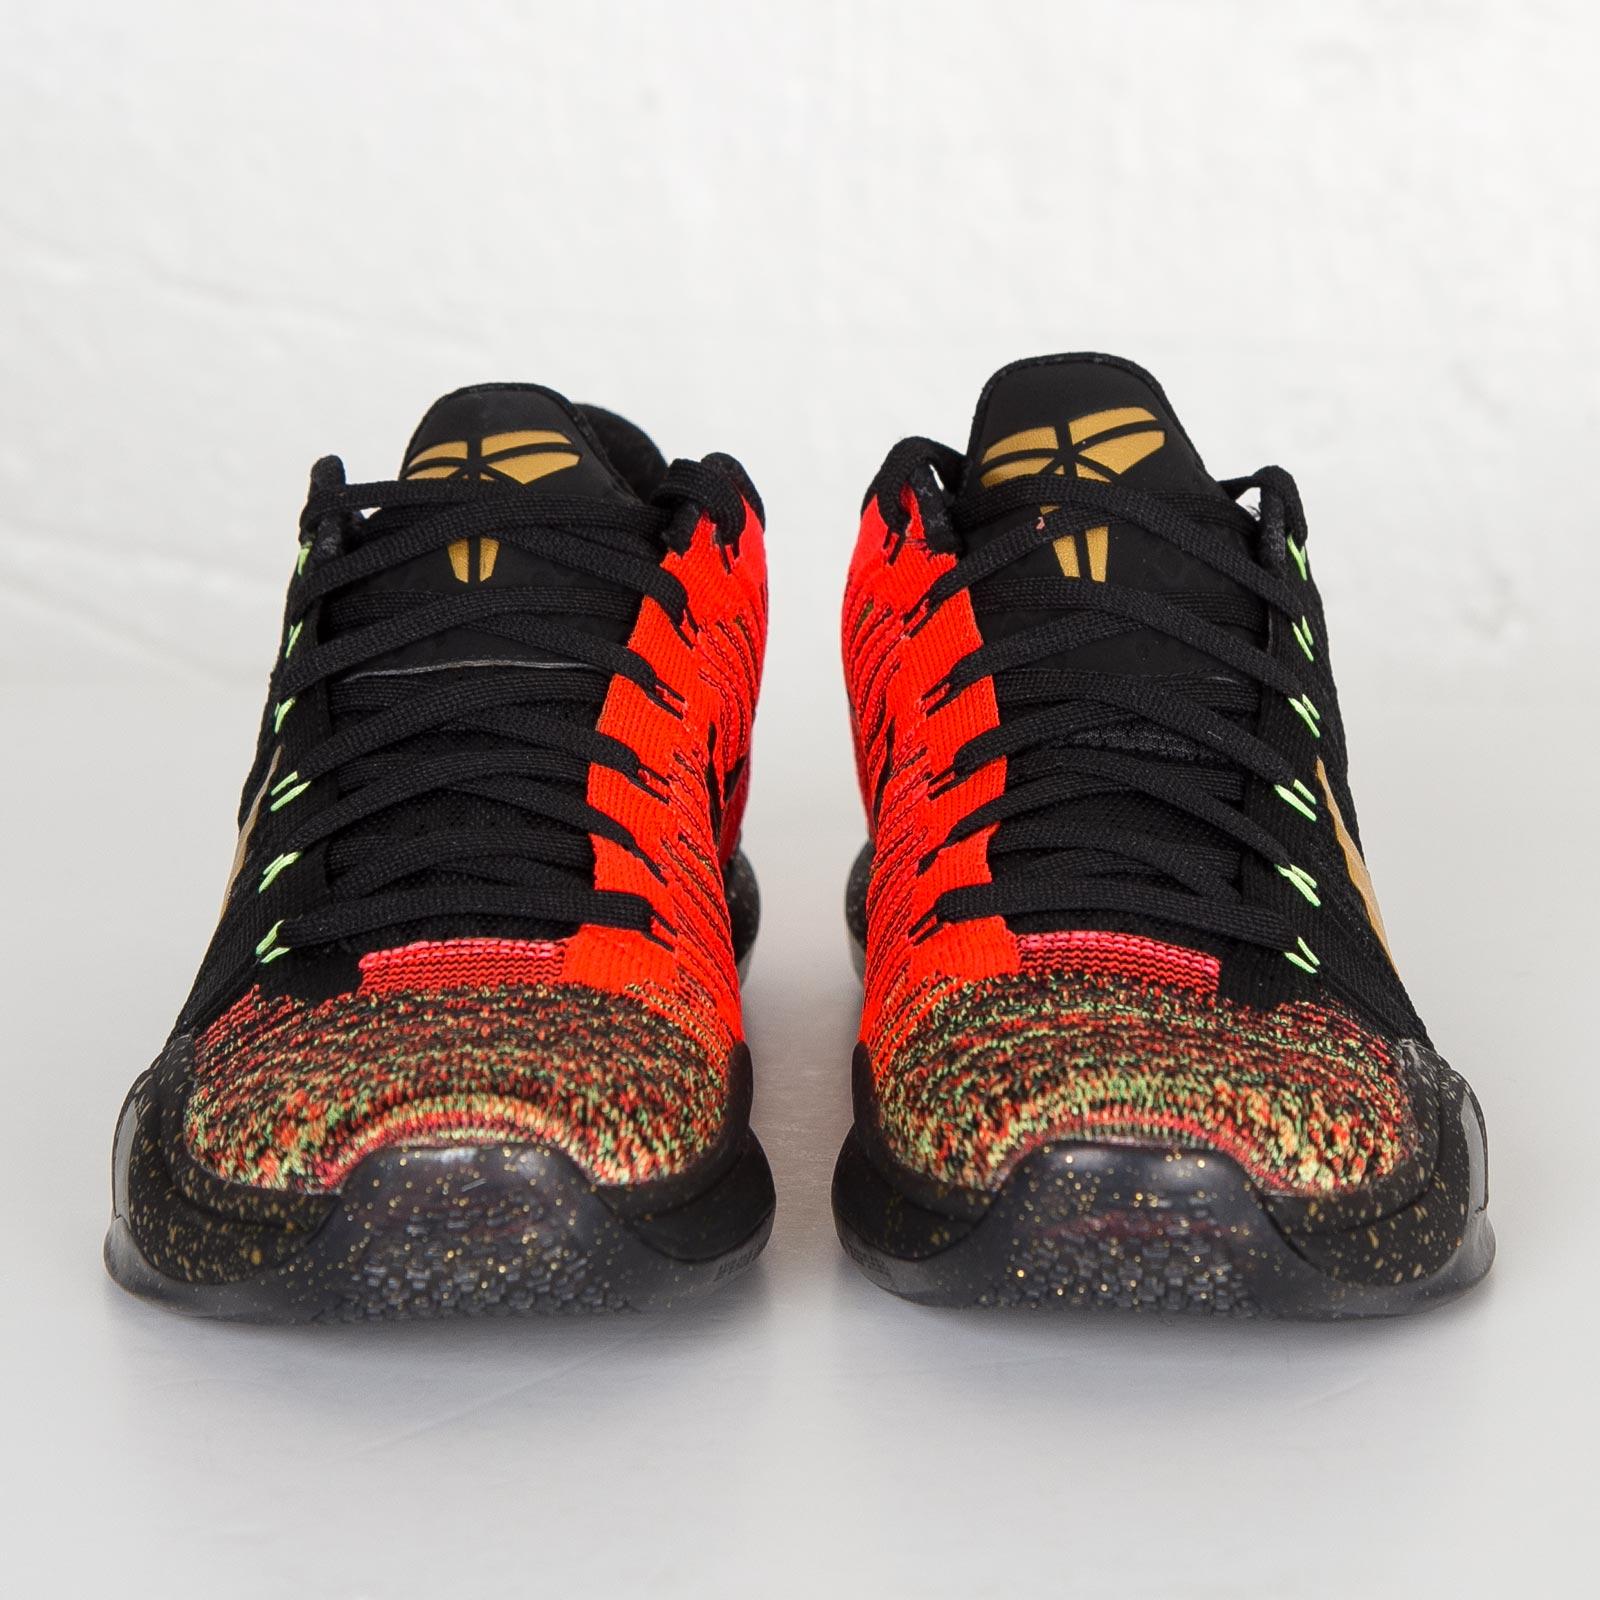 huge discount 50715 7e24b Nike Kobe X Elite Low Xmas - 802560-076 - Sneakersnstuff   sneakers    streetwear online since 1999